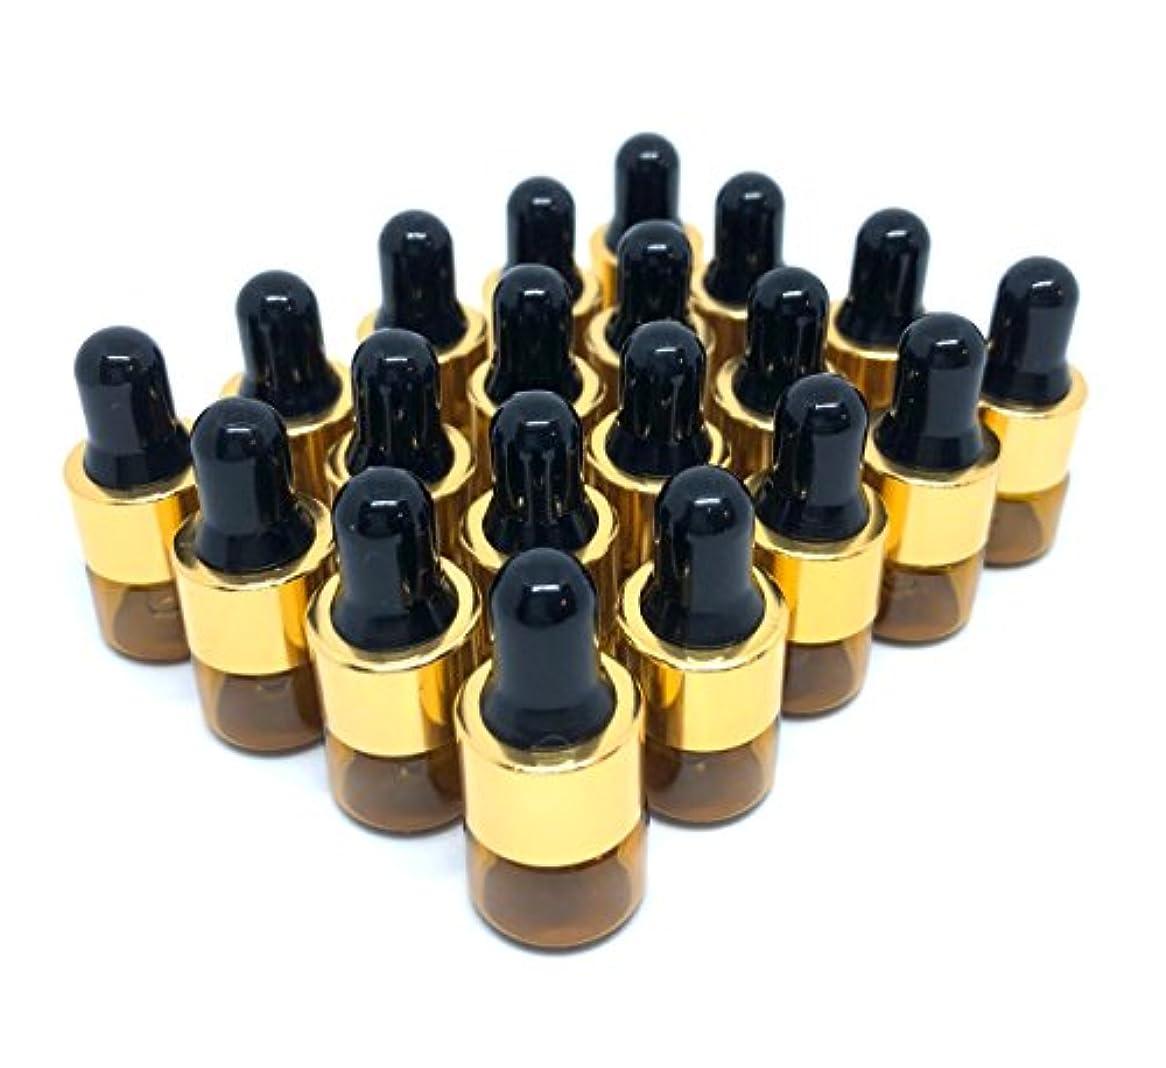 リスクボンドミニスポイト 遮光瓶 アロマオイル 精油 小分け用 ガラス製 保存容器 20本 セット (1ml)